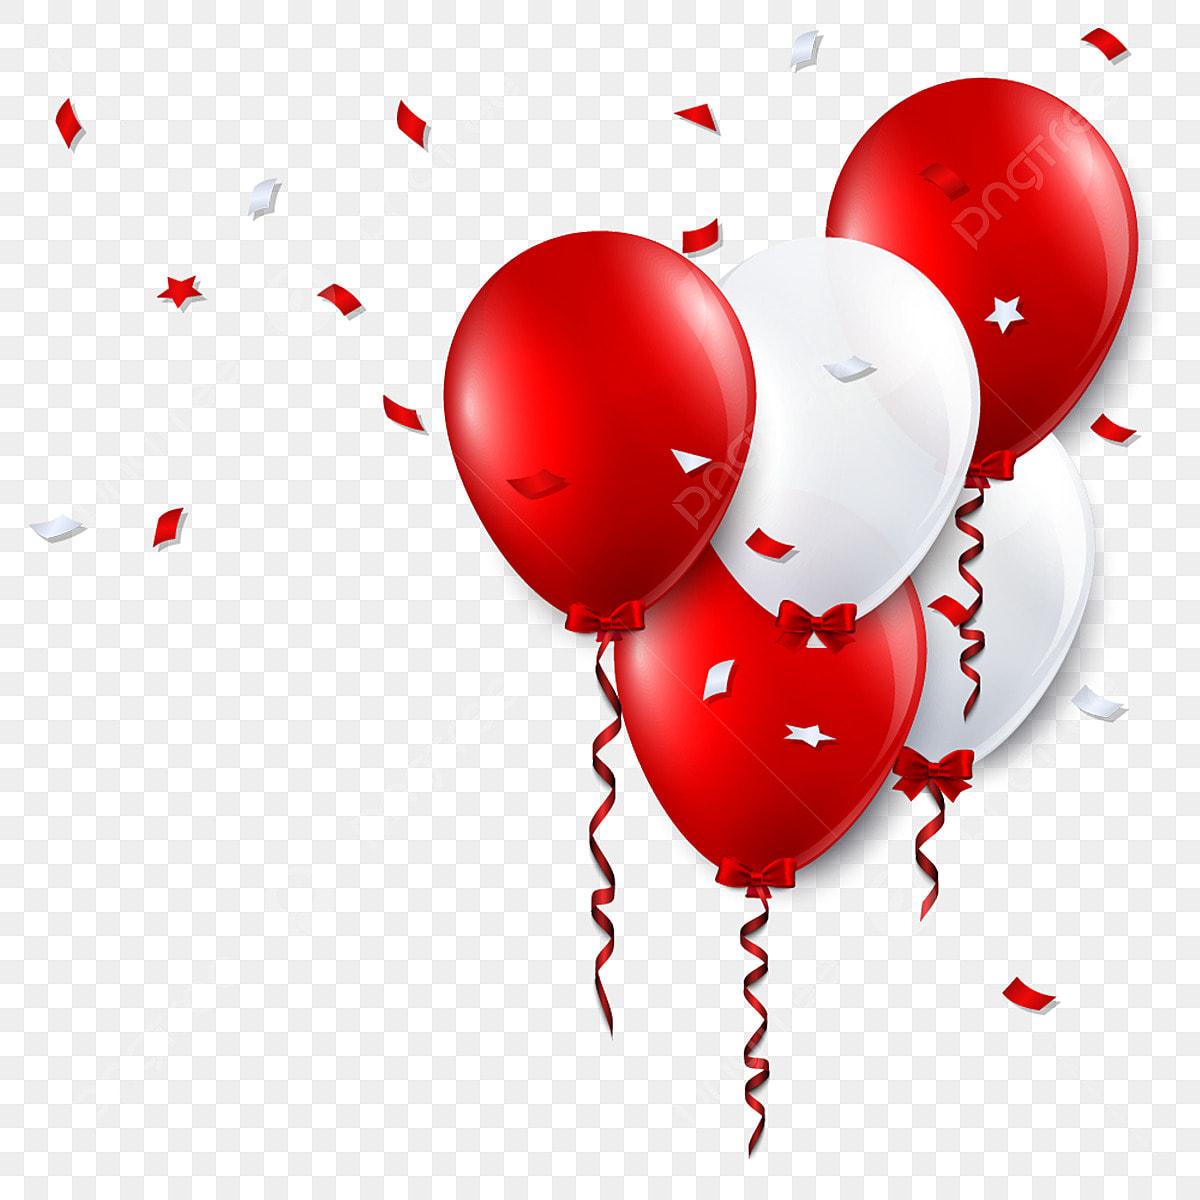 Поздравления на свадьбу красный шар